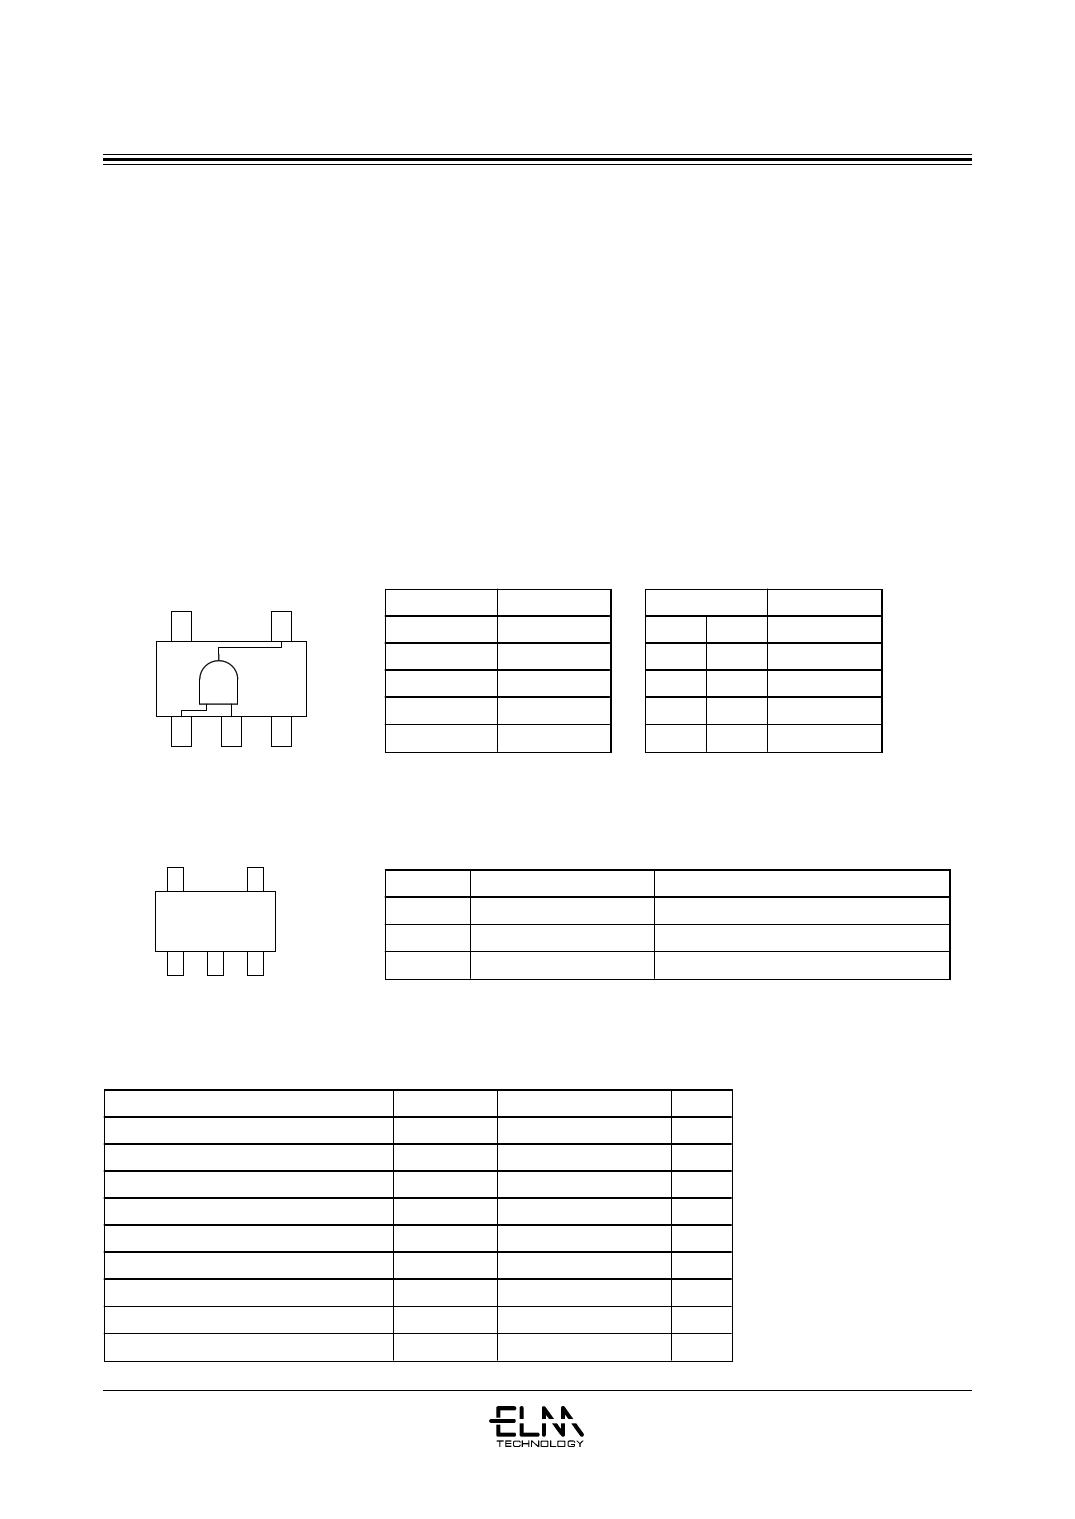 ELM7S14 電子部品, 半導体